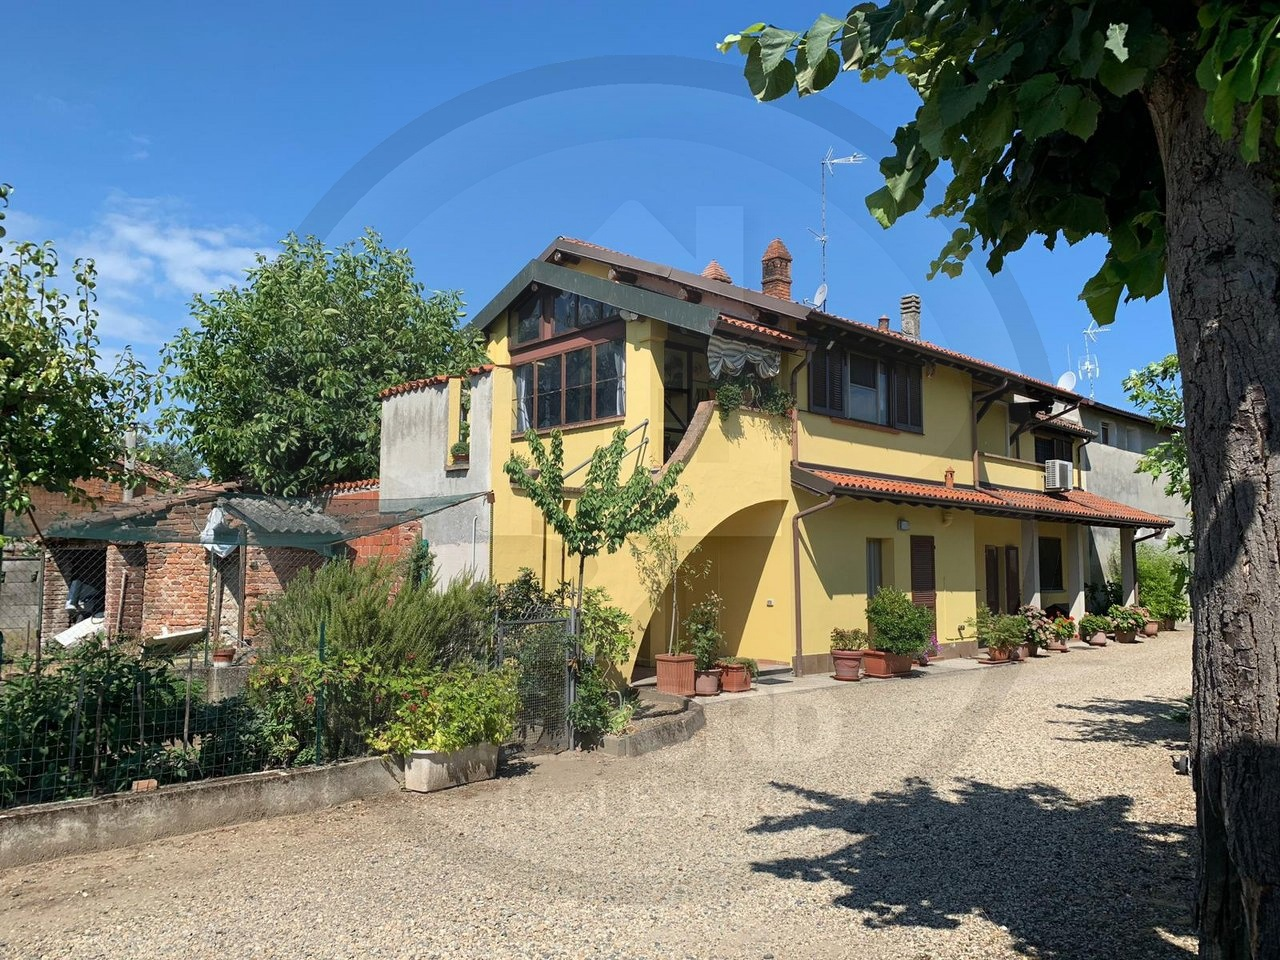 Rustico / Casale in vendita a Pieve Albignola, 5 locali, prezzo € 245.000   PortaleAgenzieImmobiliari.it